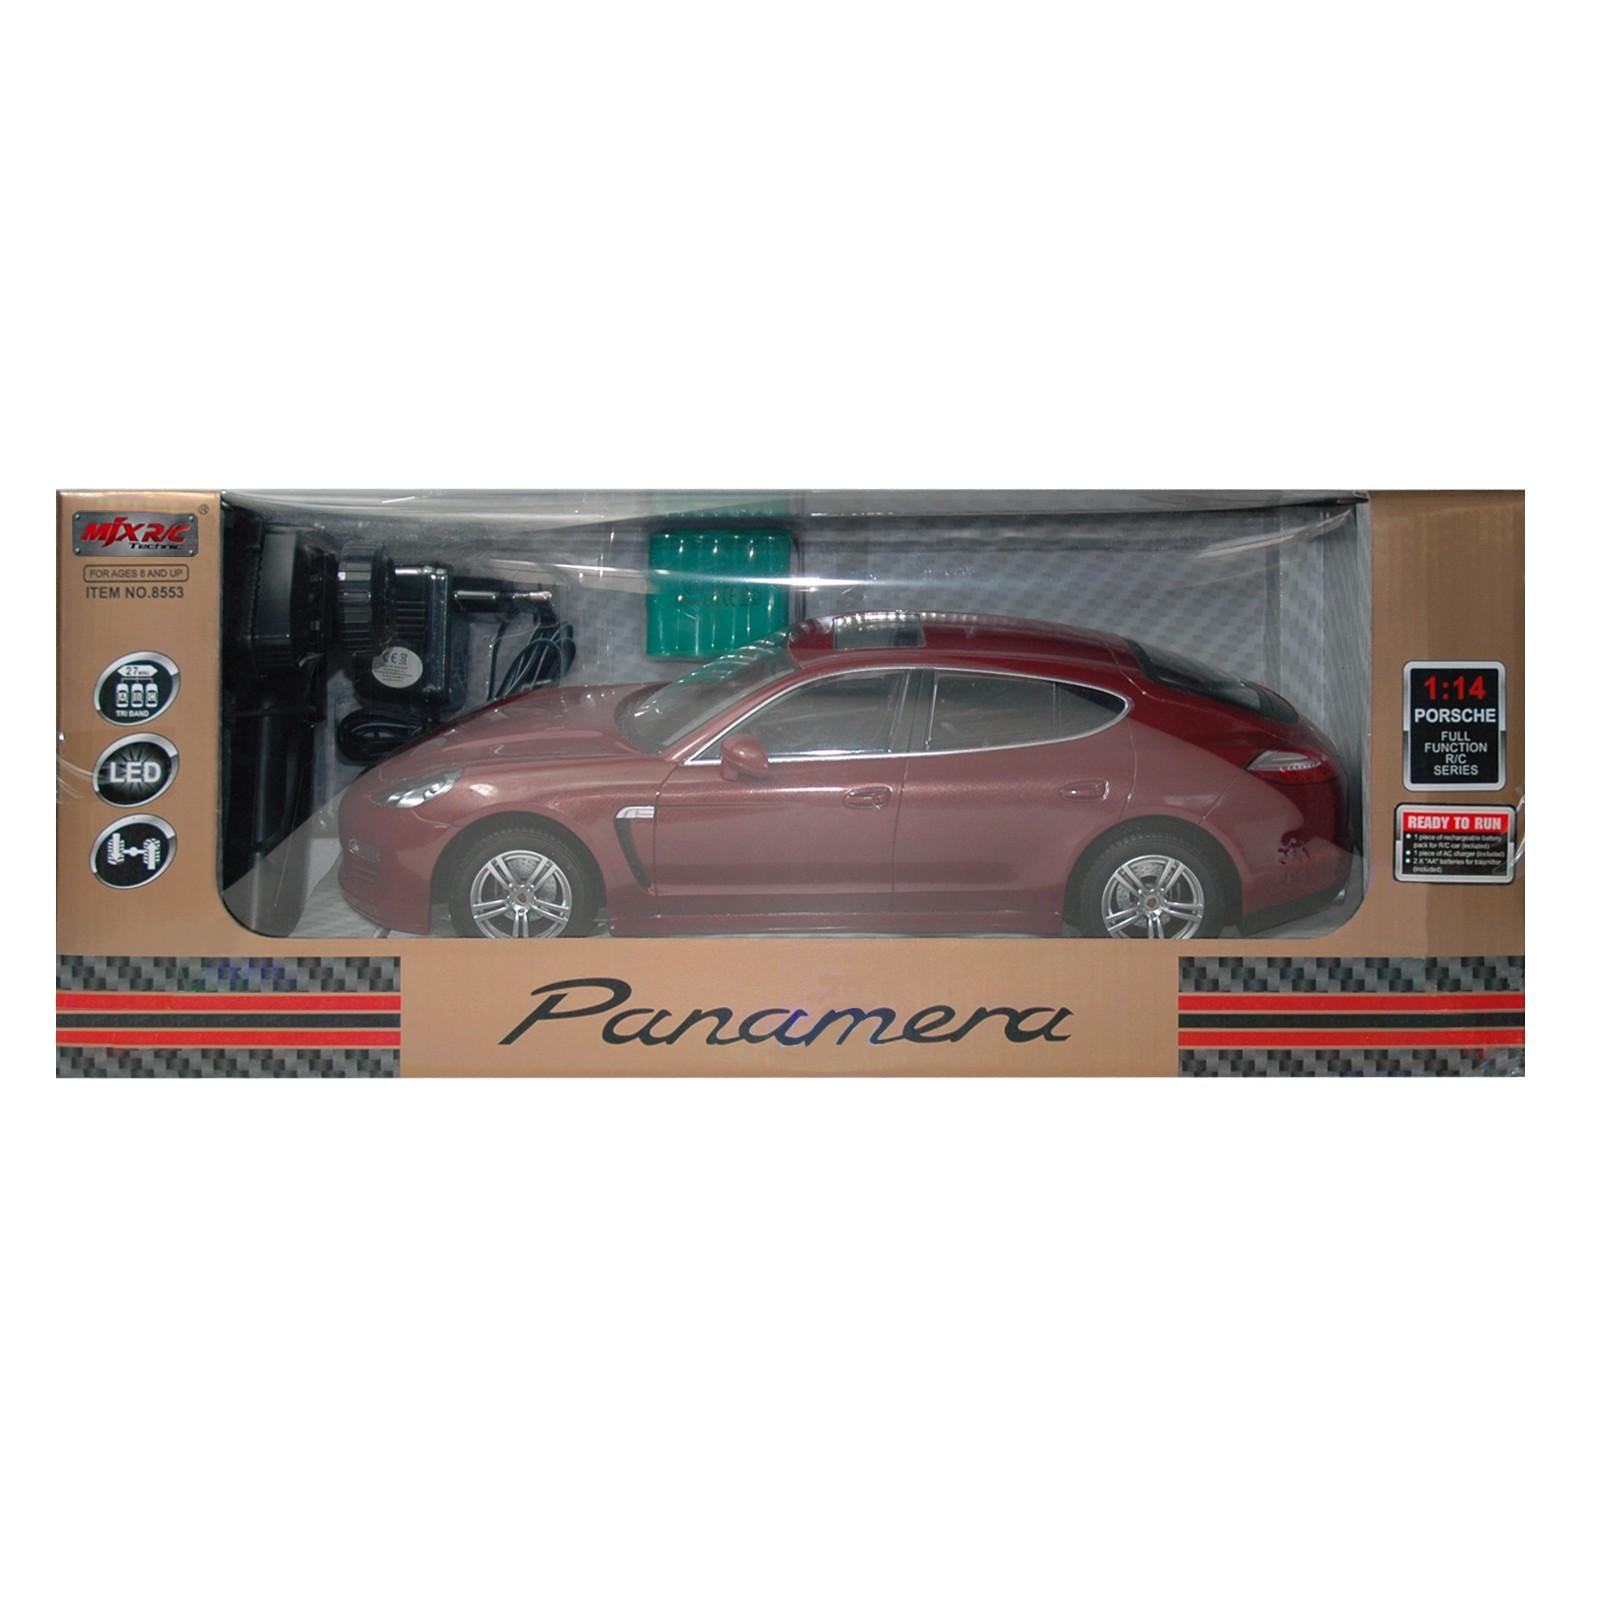 RC Porsche Panamera 1:14 mit Pistolen Fernsteuerung